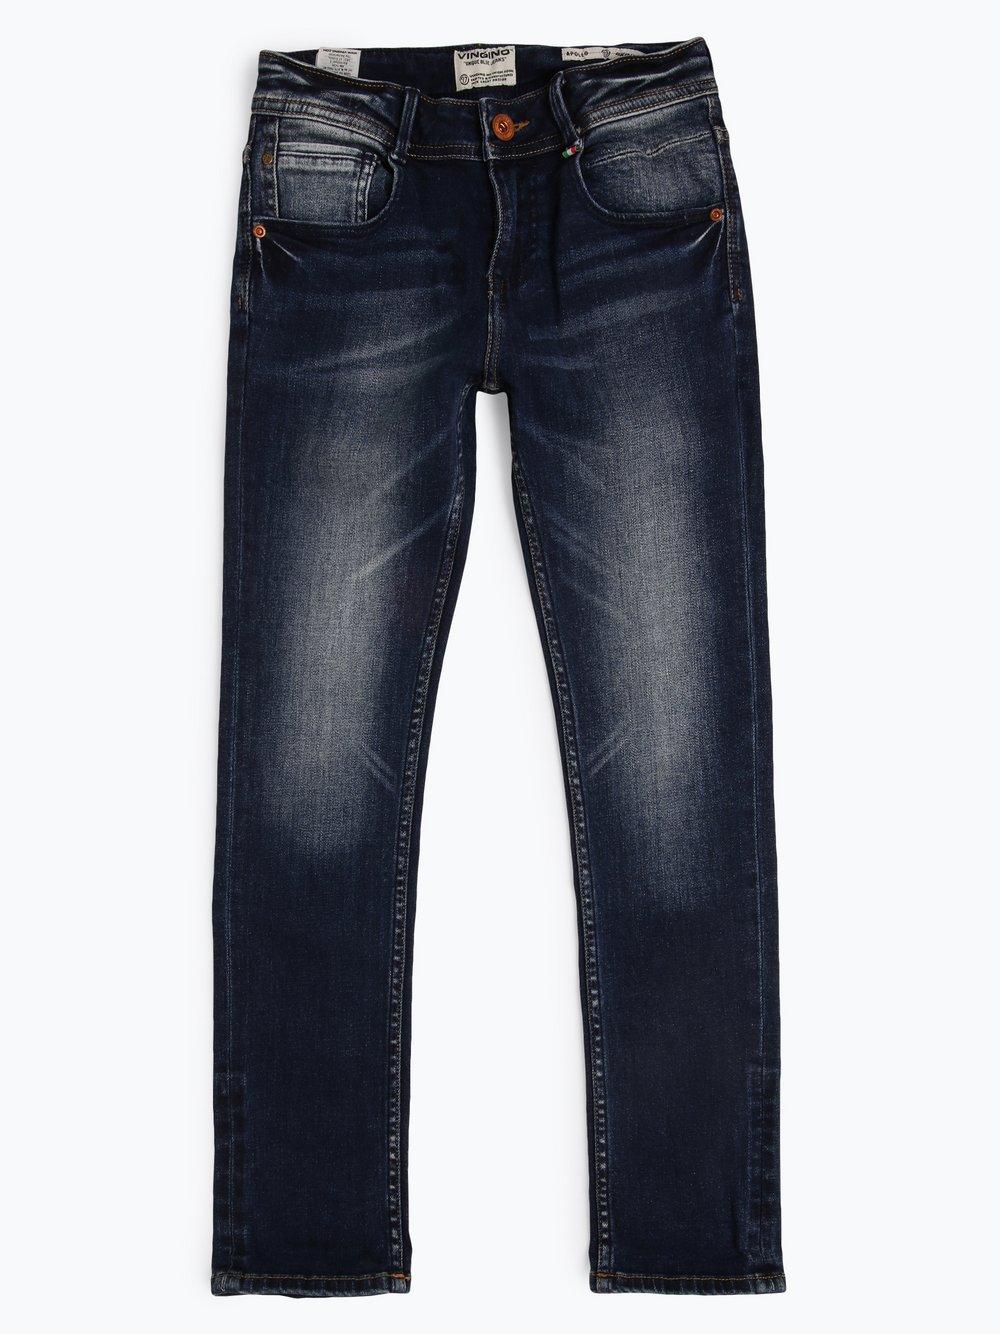 717bbebc554e6 Vingino Jungen Jeans Skinny Fit - Apollo online kaufen | PEEK-UND ...